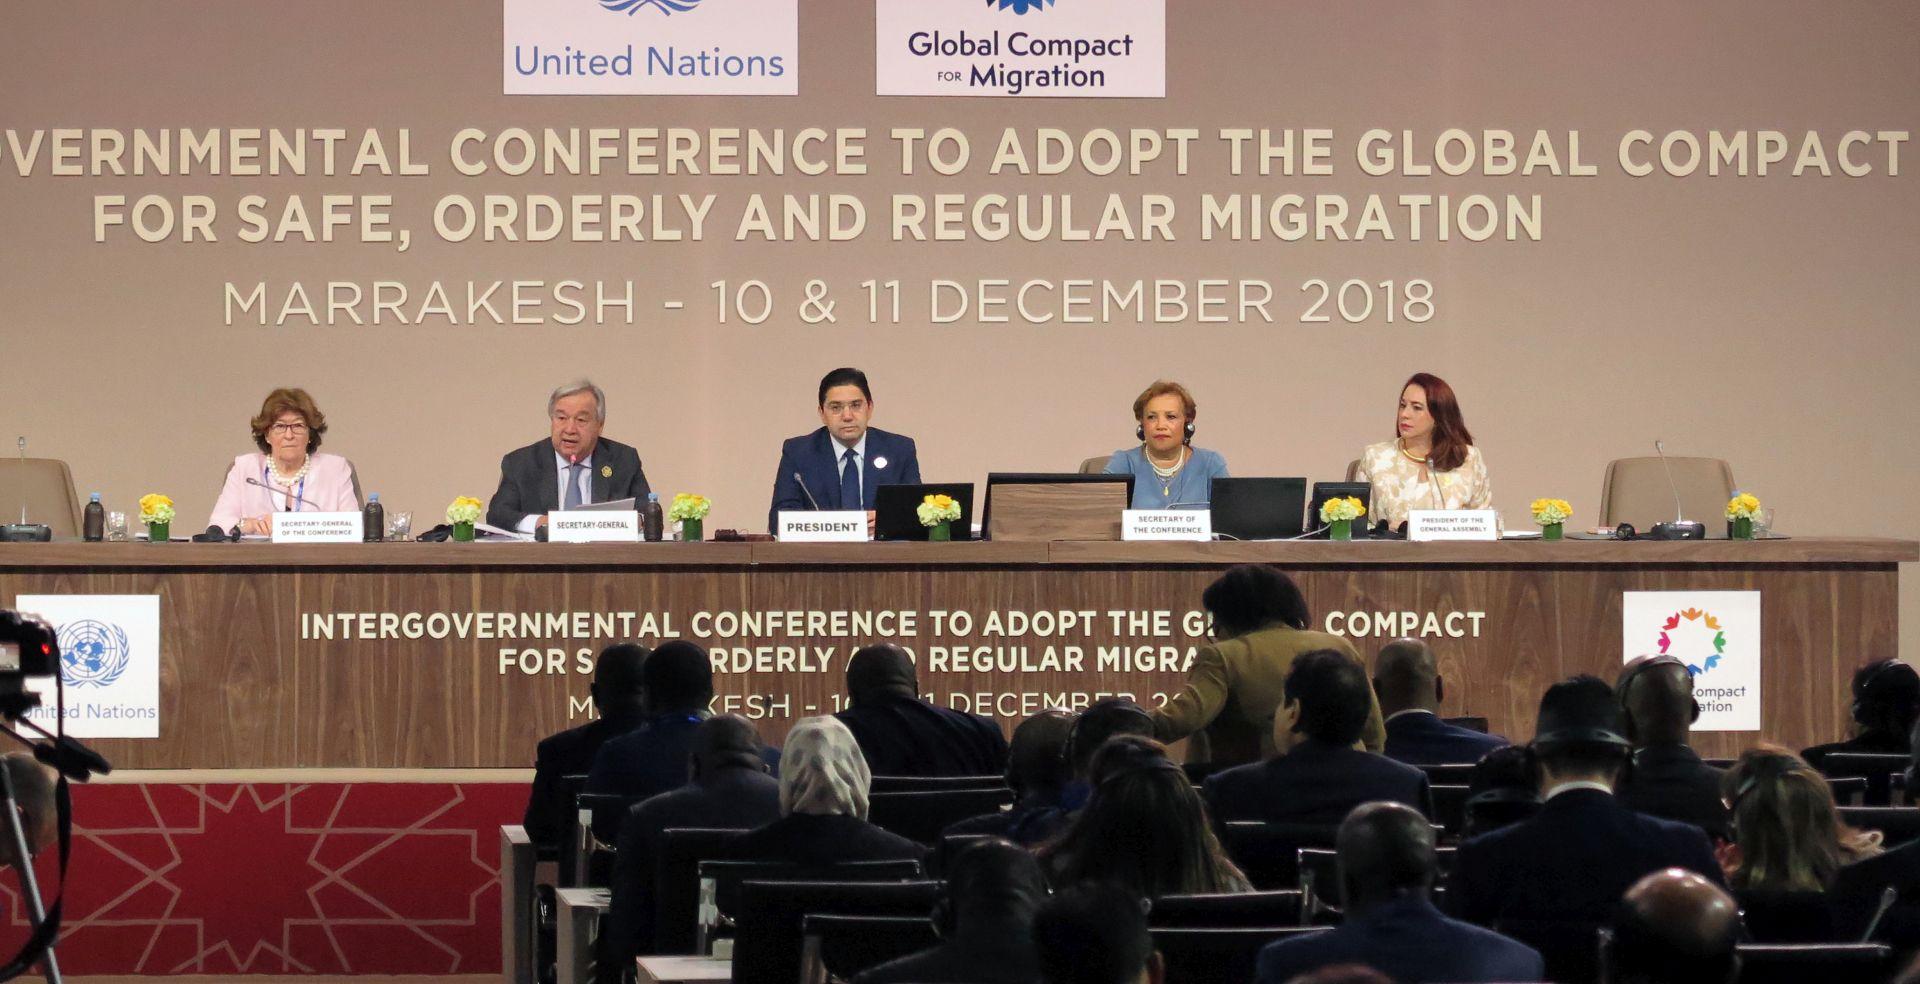 Gutterres u Marakešu otvorio konferenciju o migracijama